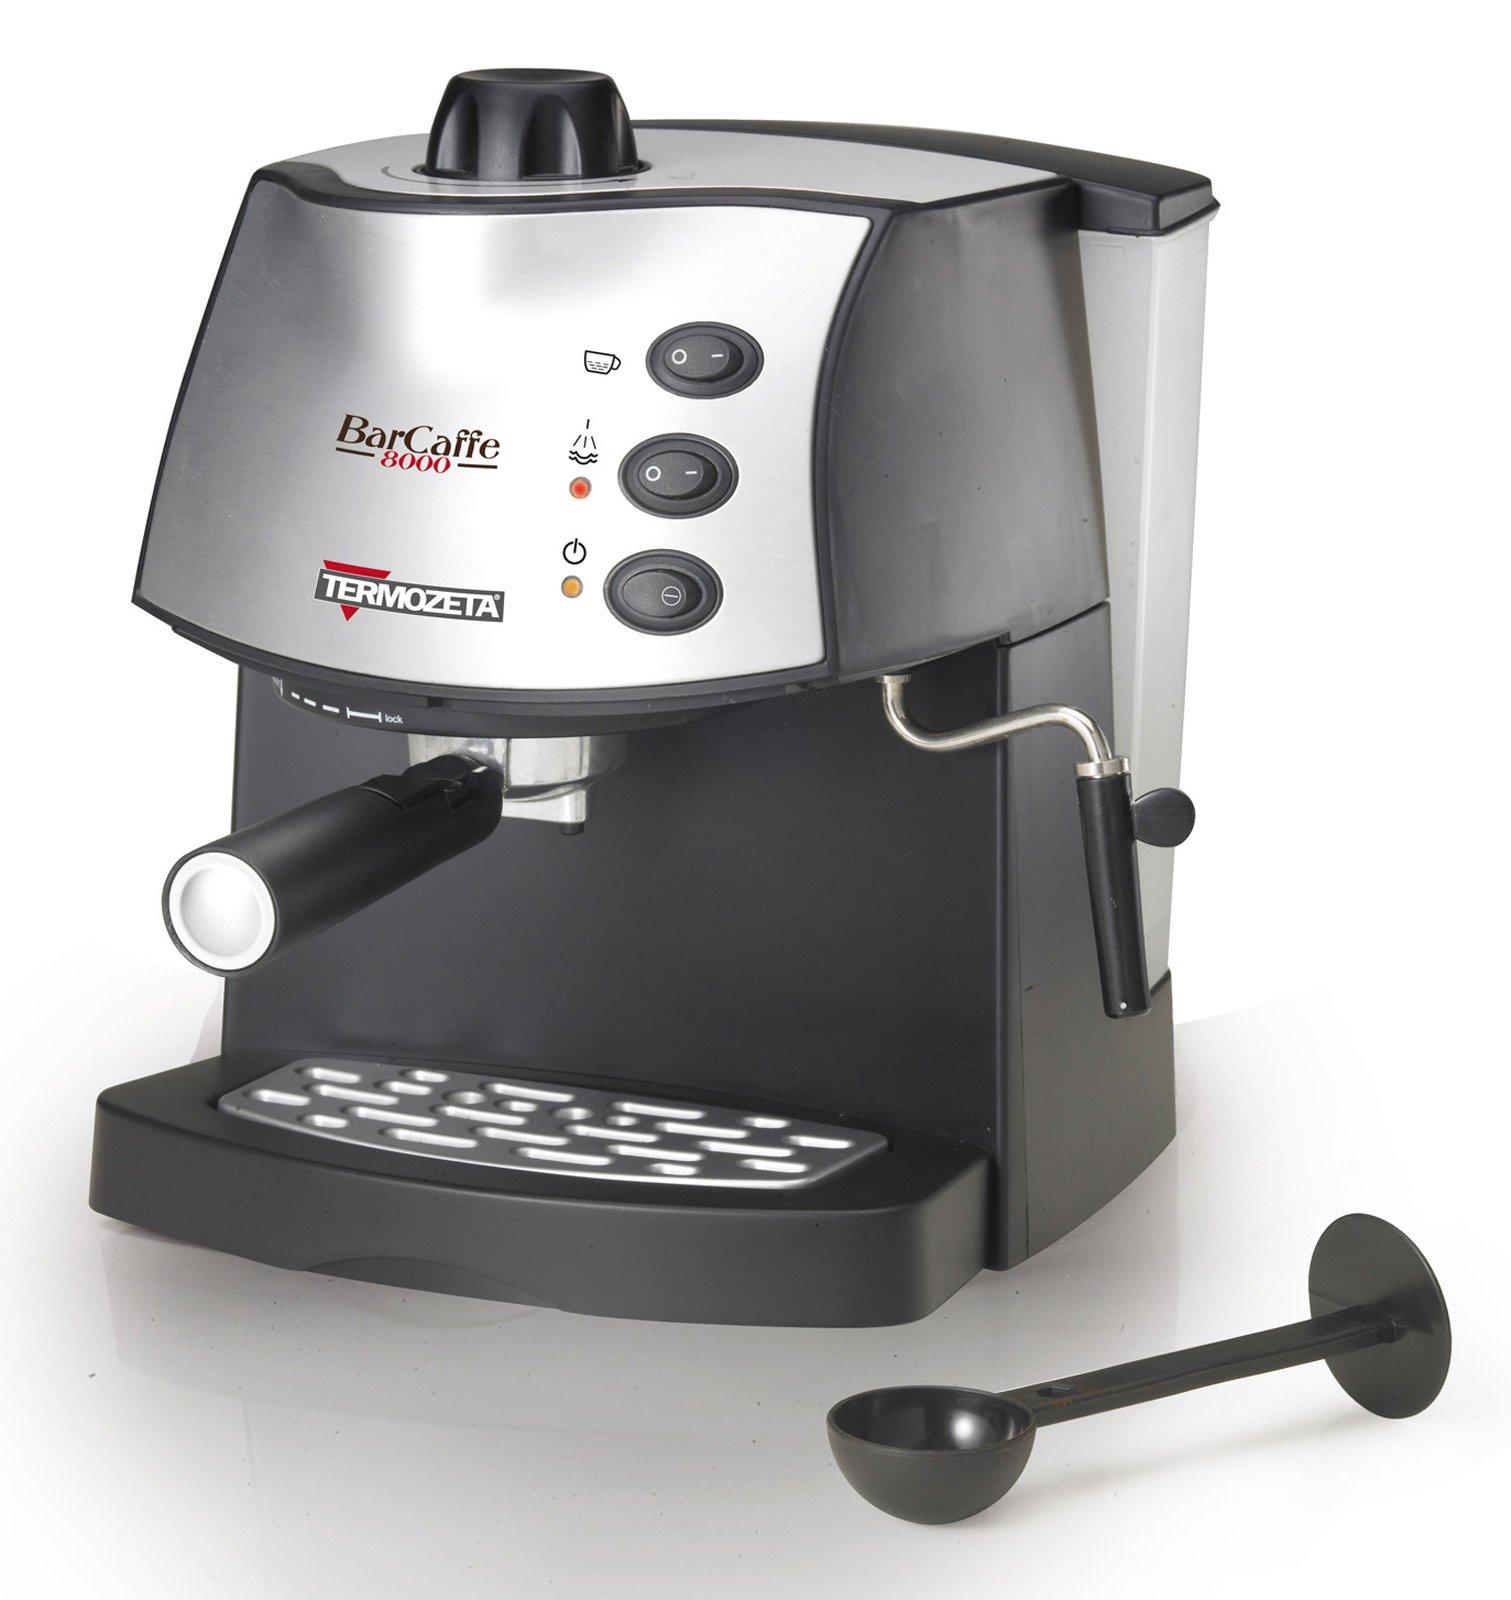 Macchine da caff per l 39 espresso in casa cose di casa - Macchina caffe professionale per casa ...